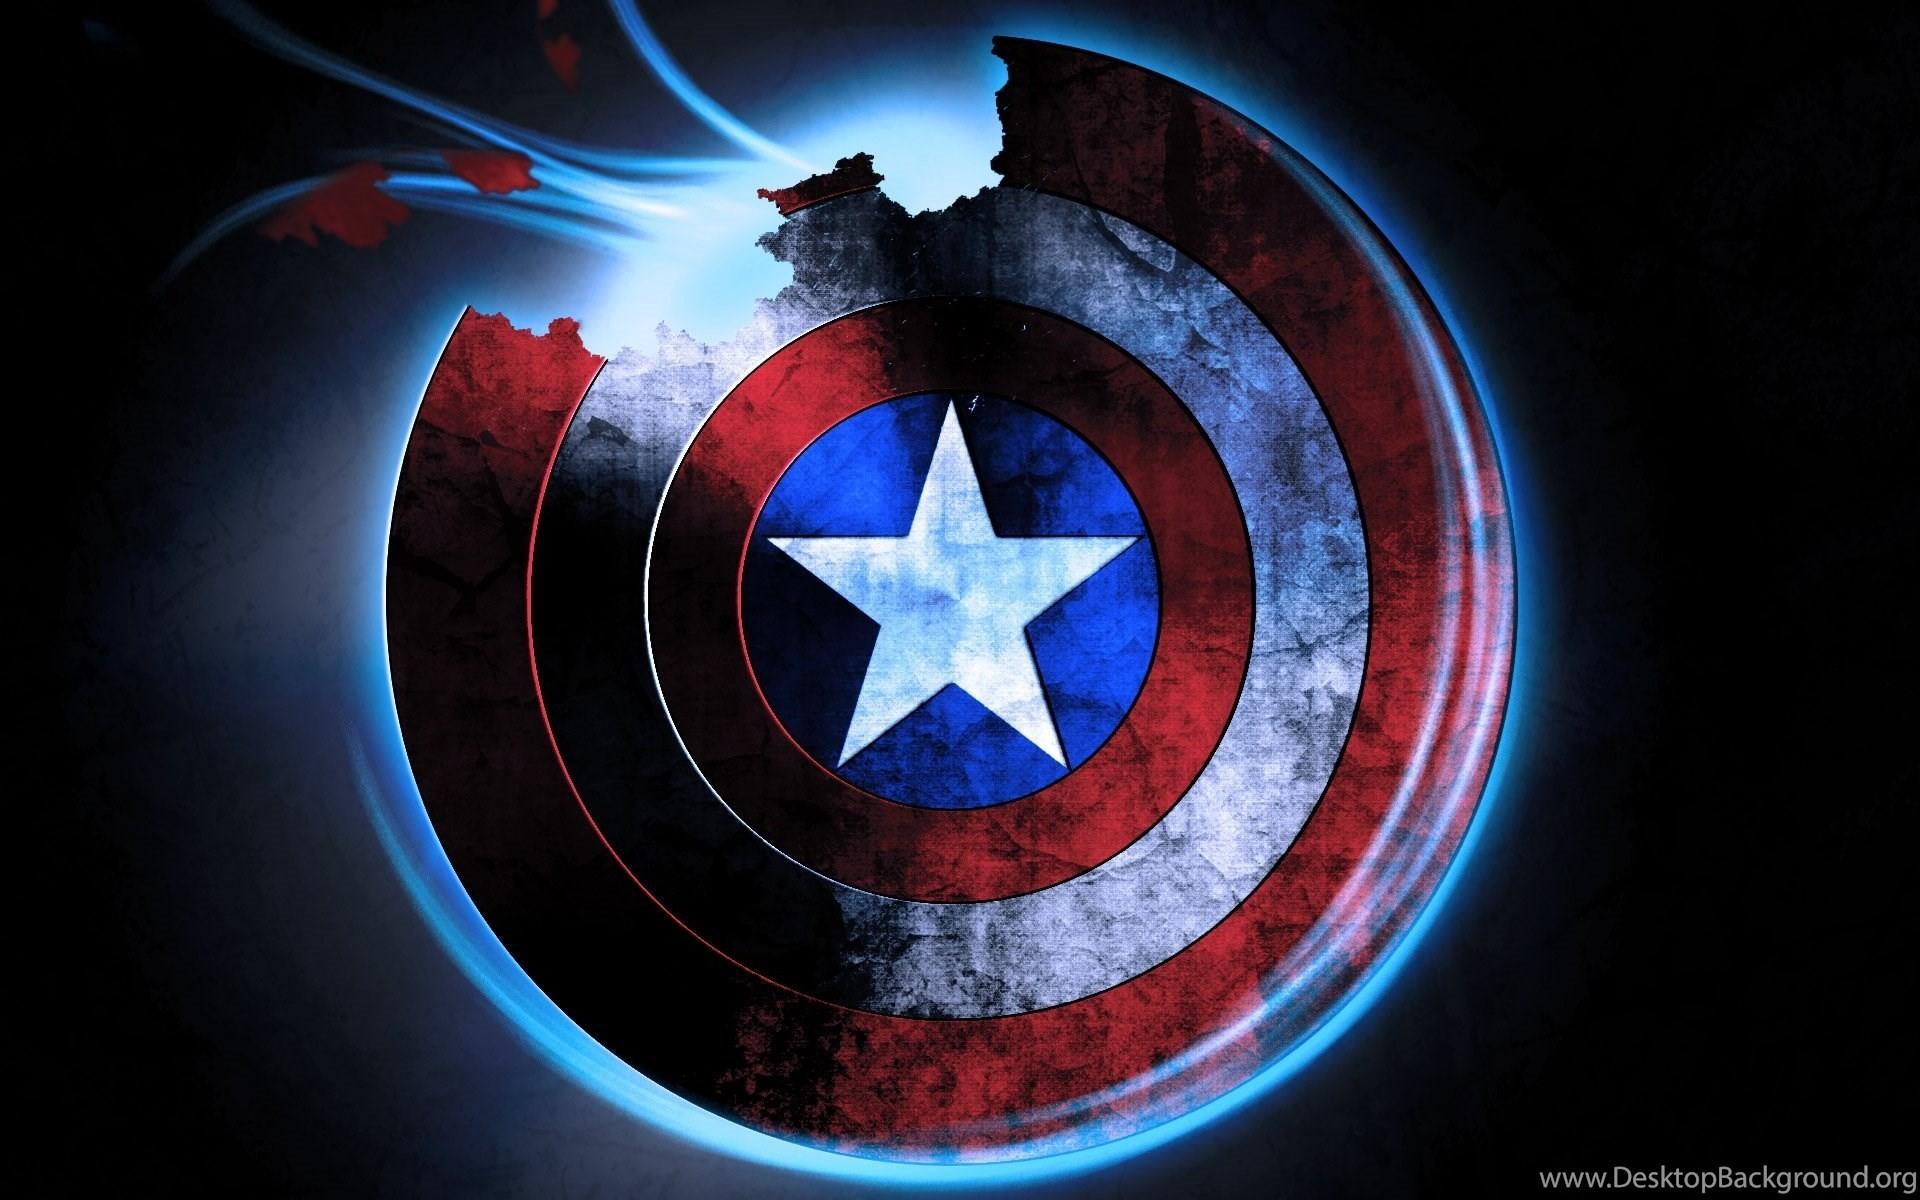 Captain america civil war desktop wallpaper 77 images - Captain america screensaver download ...